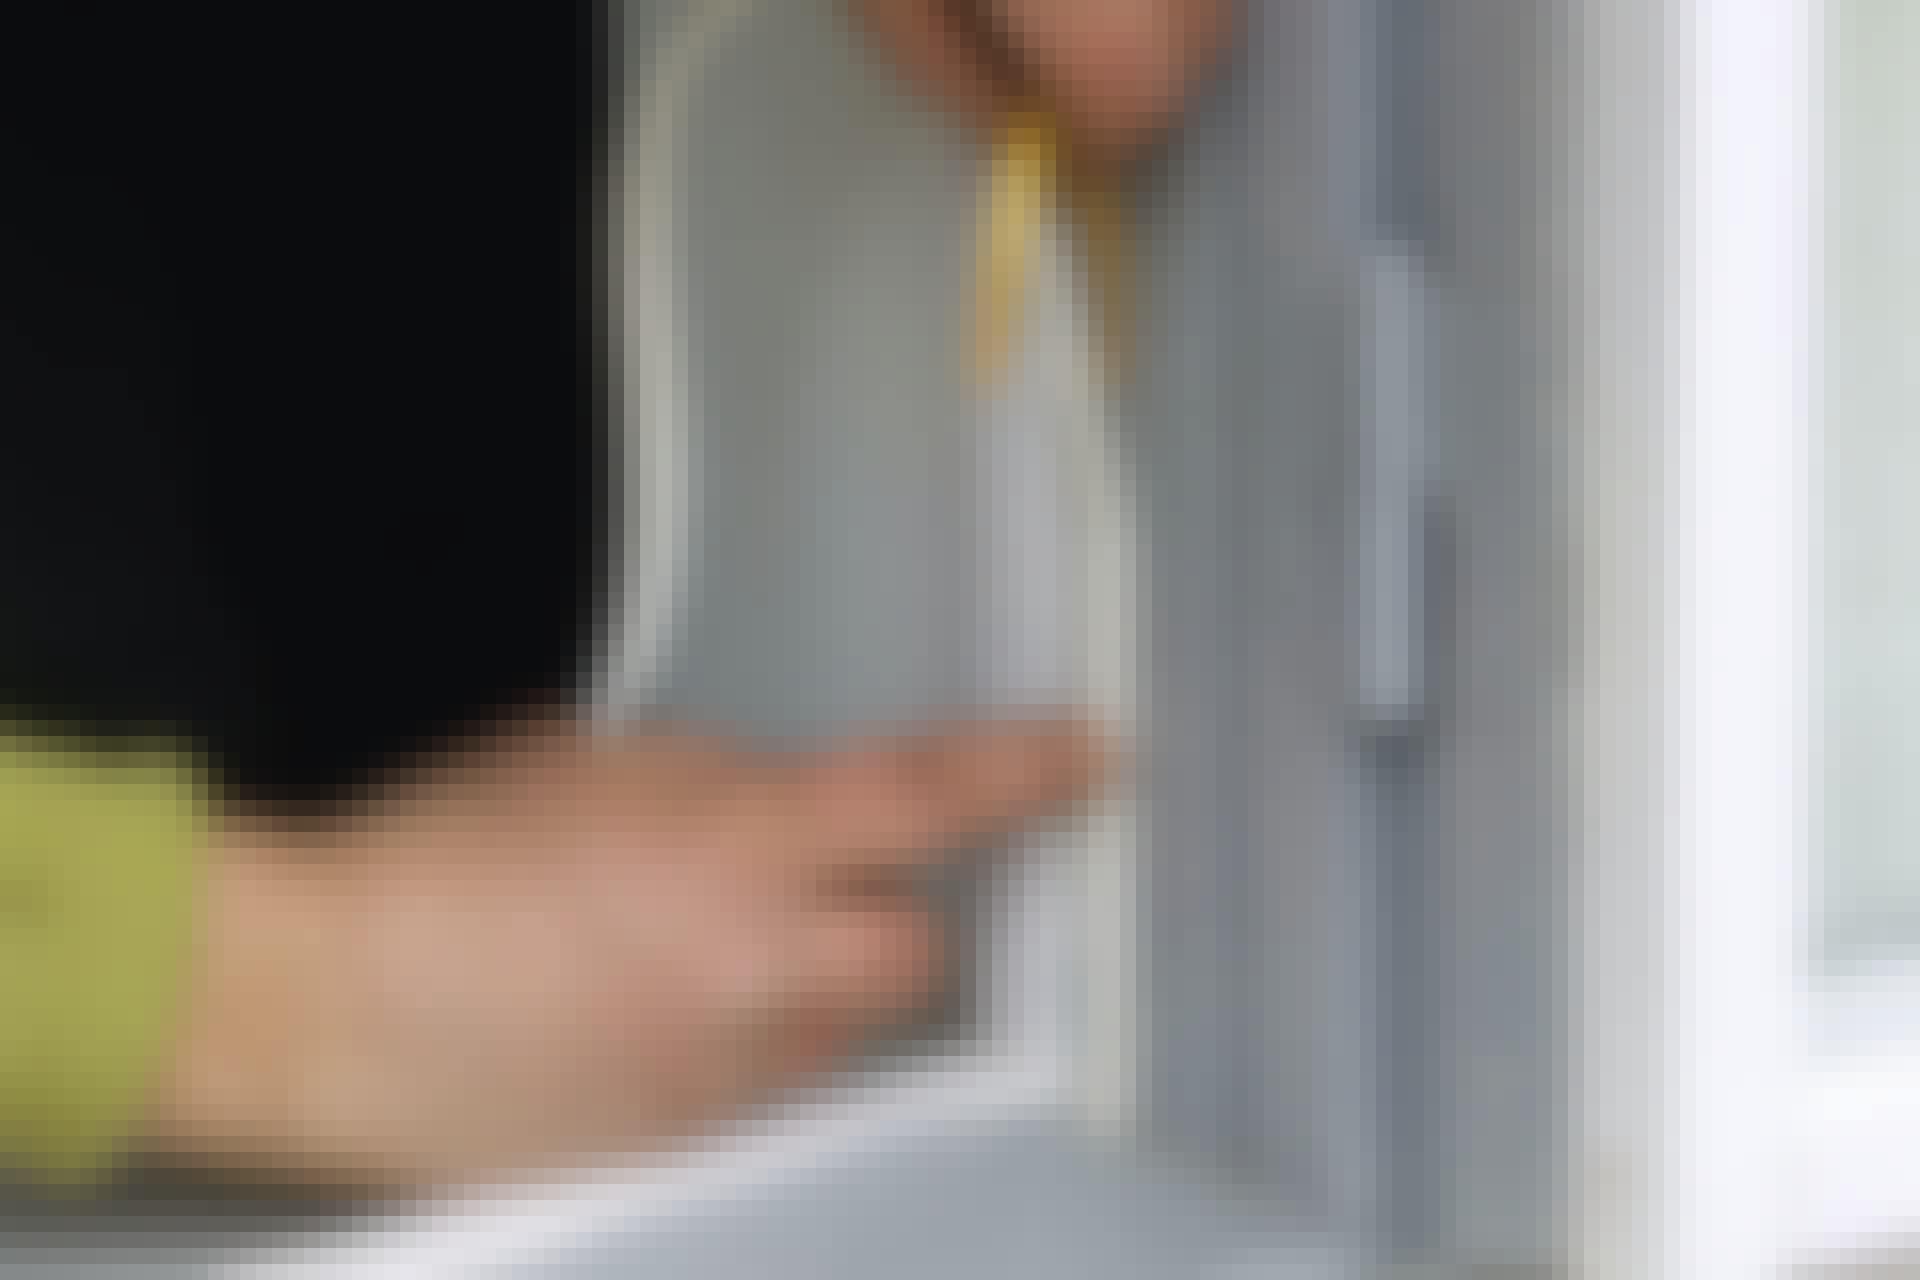 Pengarna forsar ut genom fönstret när dina tätningslister inte håller tätt. Se vår guide till hur du steg för steg får bukt med problemet.